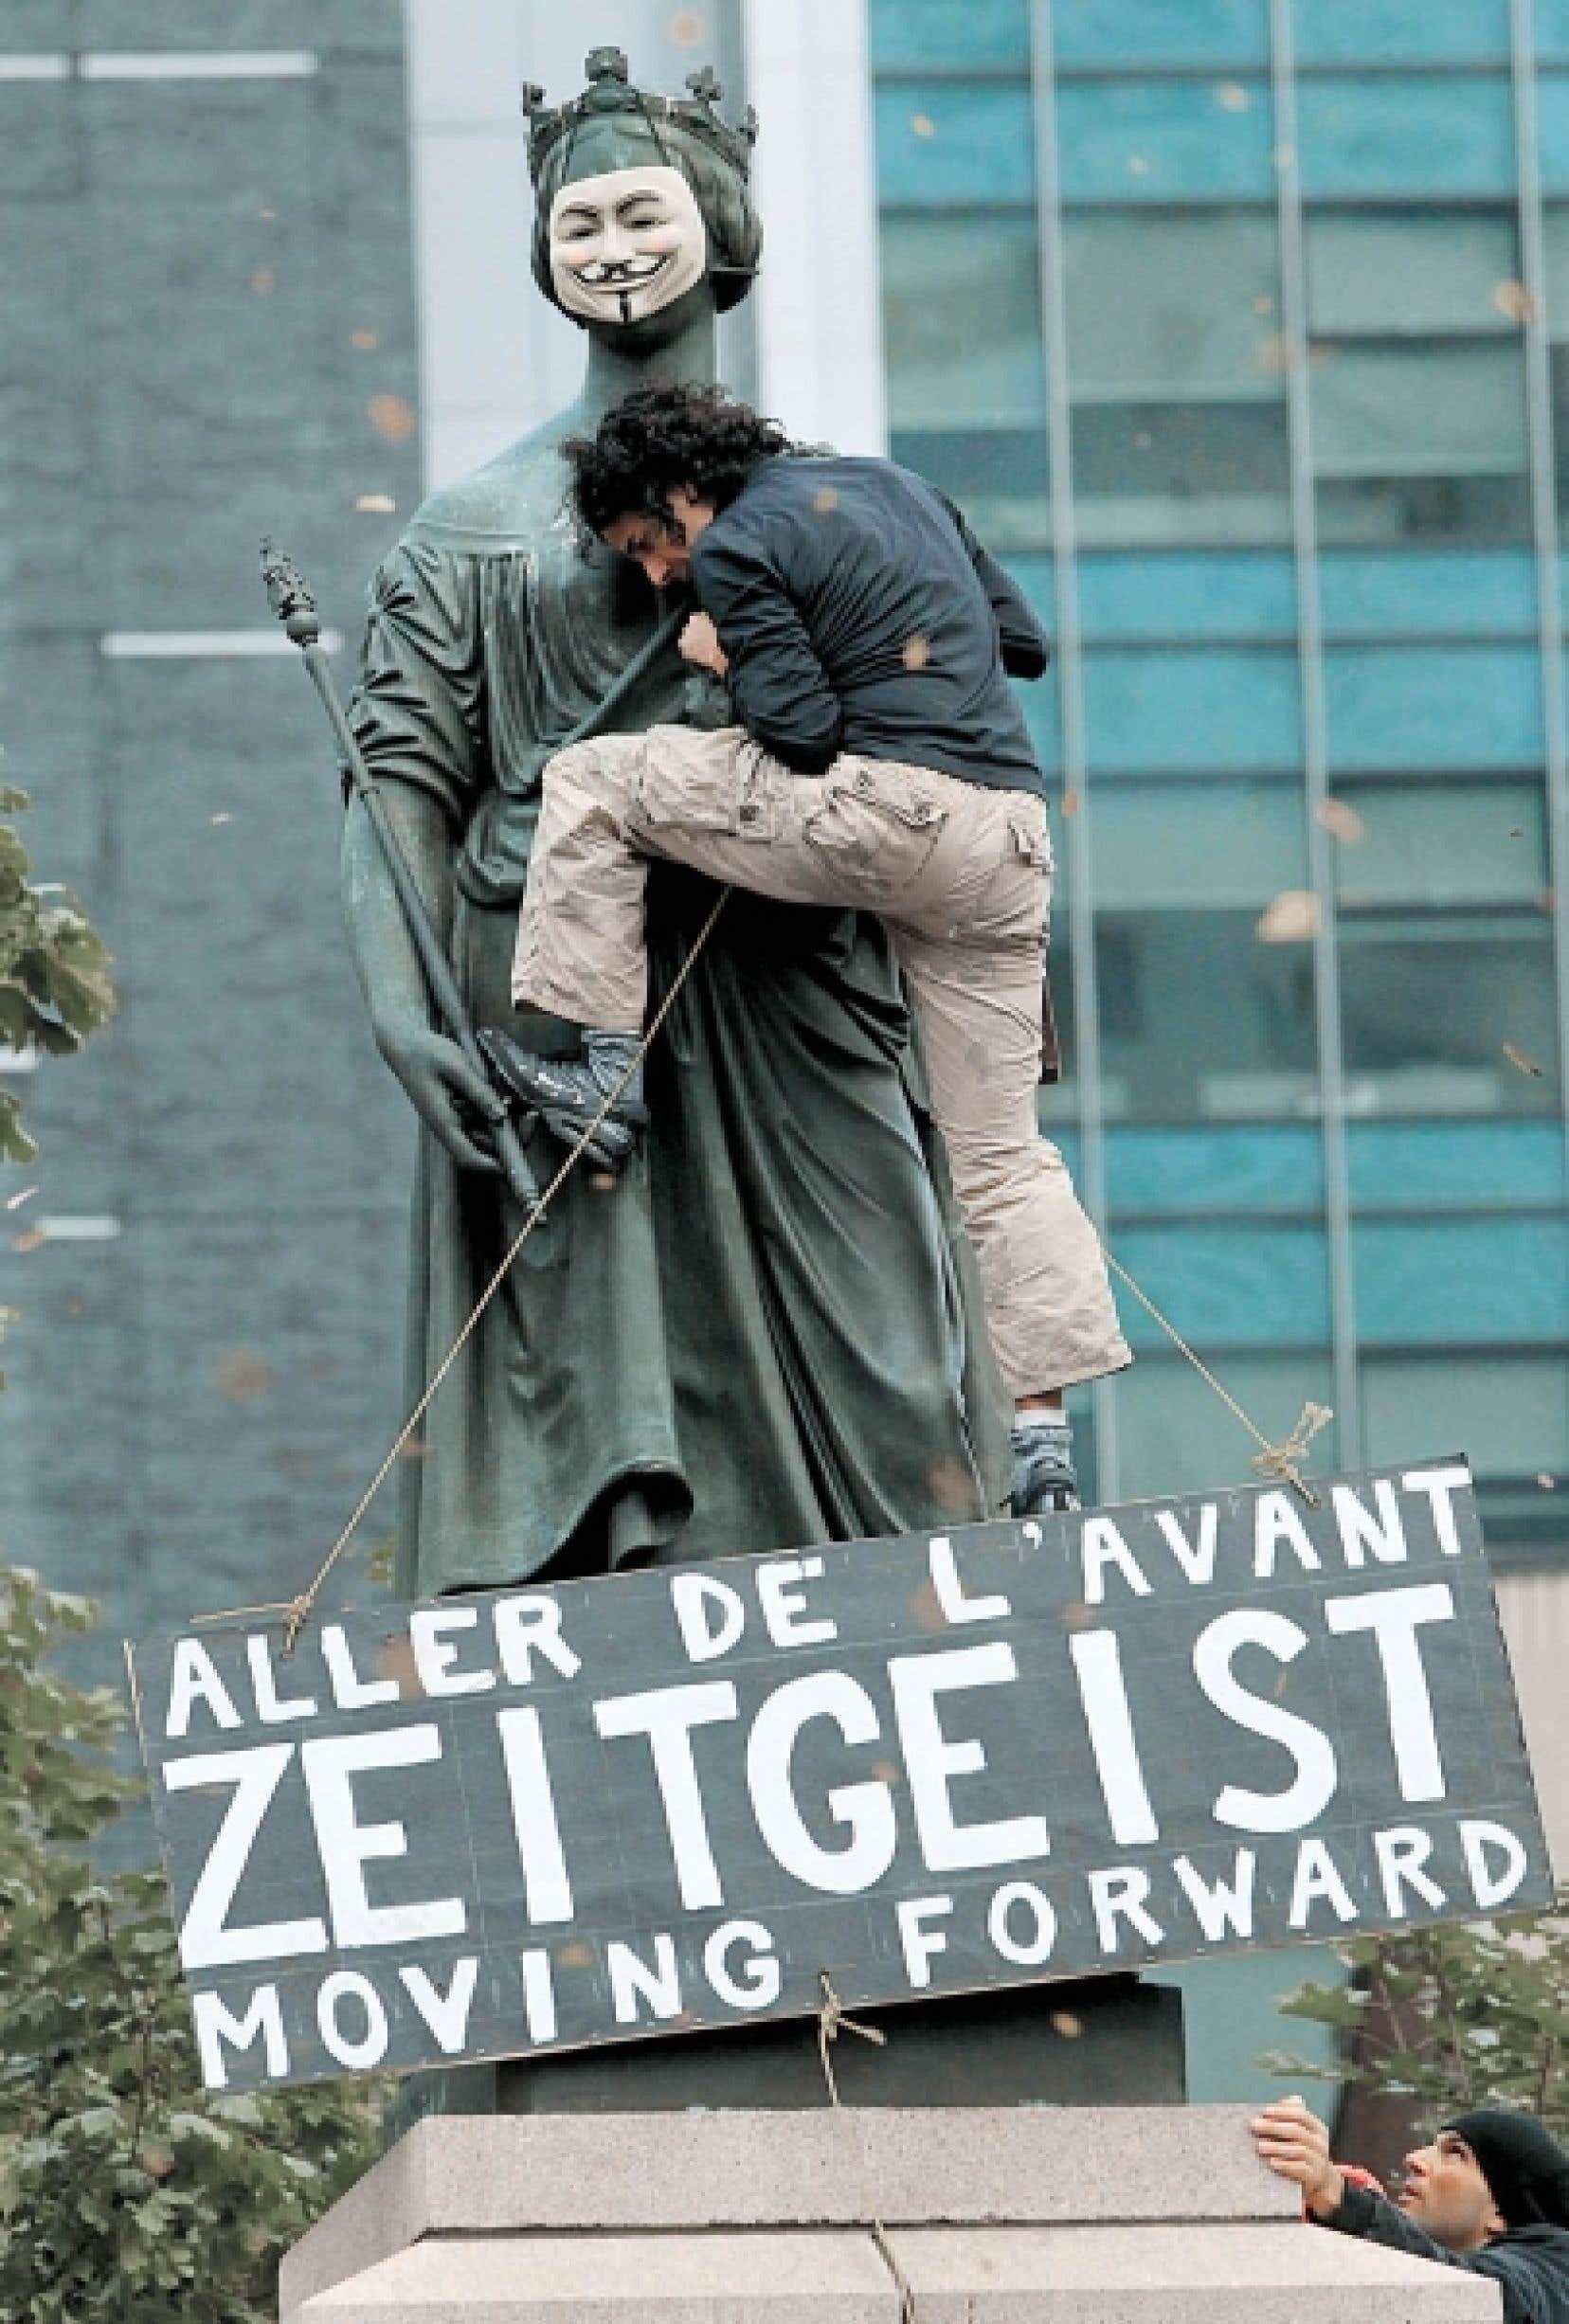 Les 99 % s'indignent place du Peuple. Zeitgeist moving forward est un film, un mouvement, une façon de repenser le capitalisme.